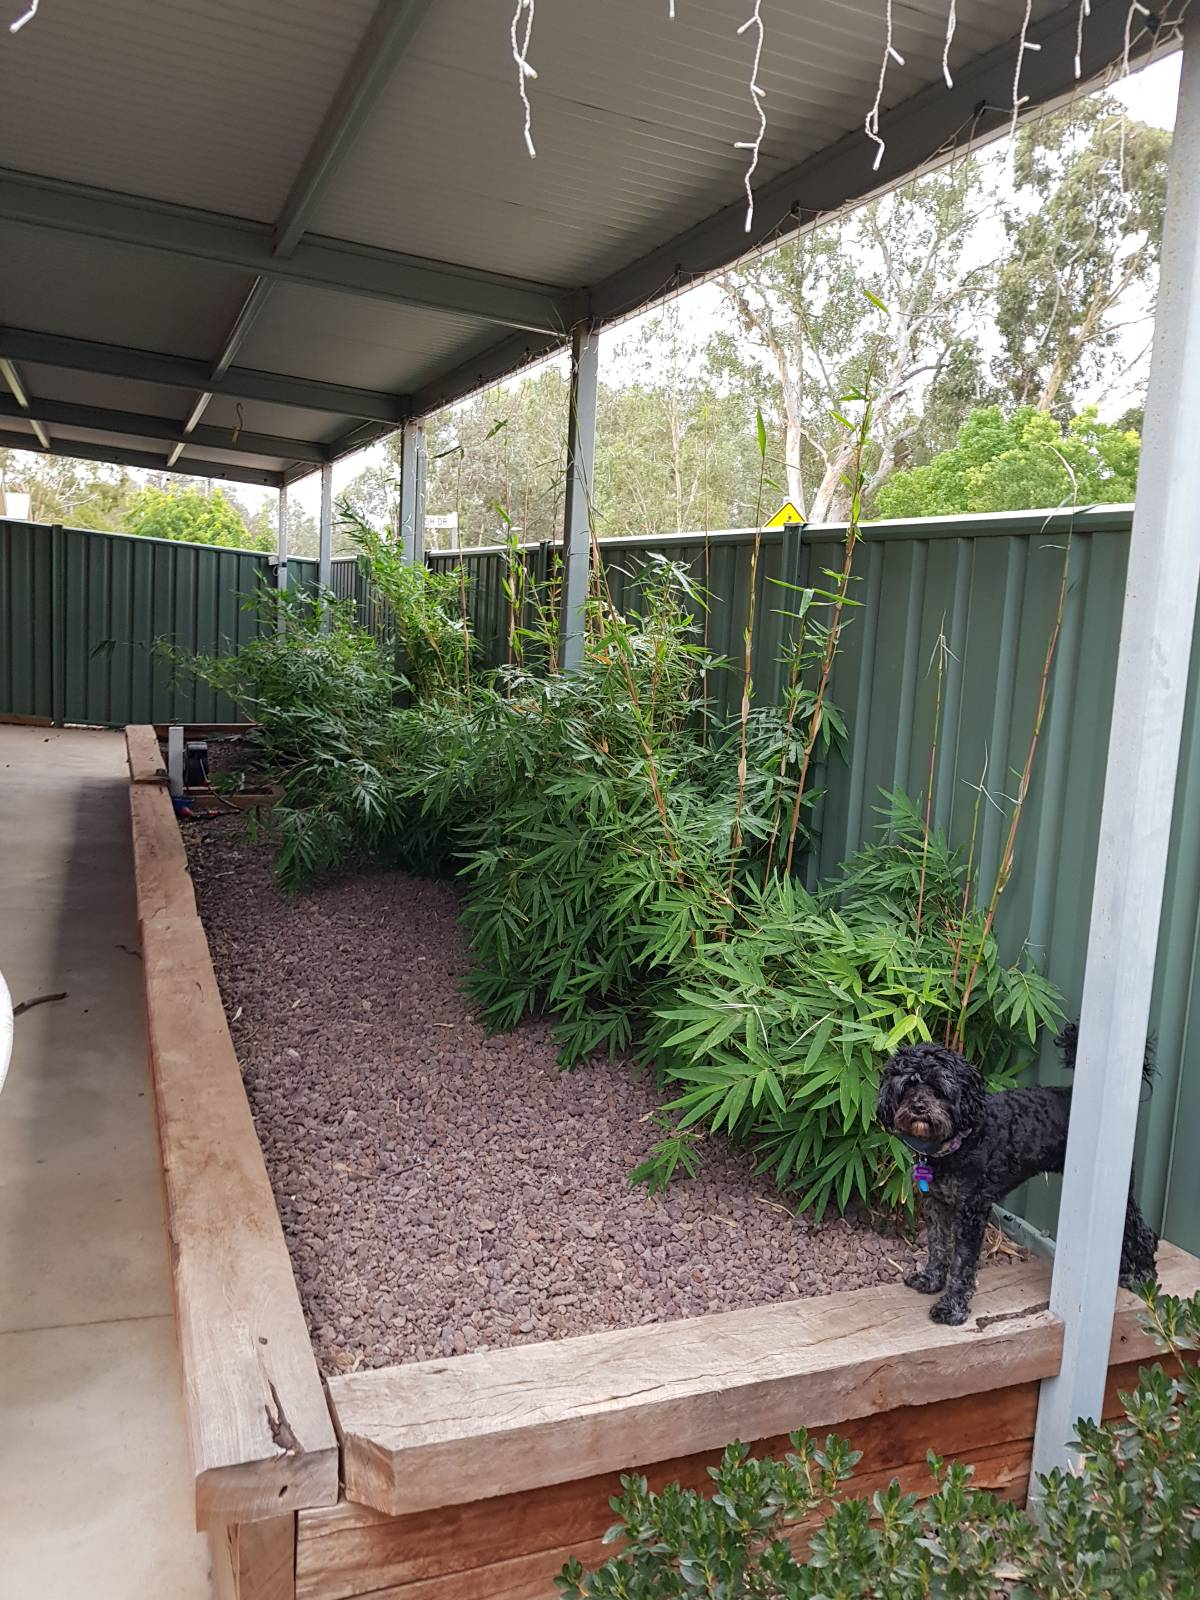 Adding soil to established garden bed